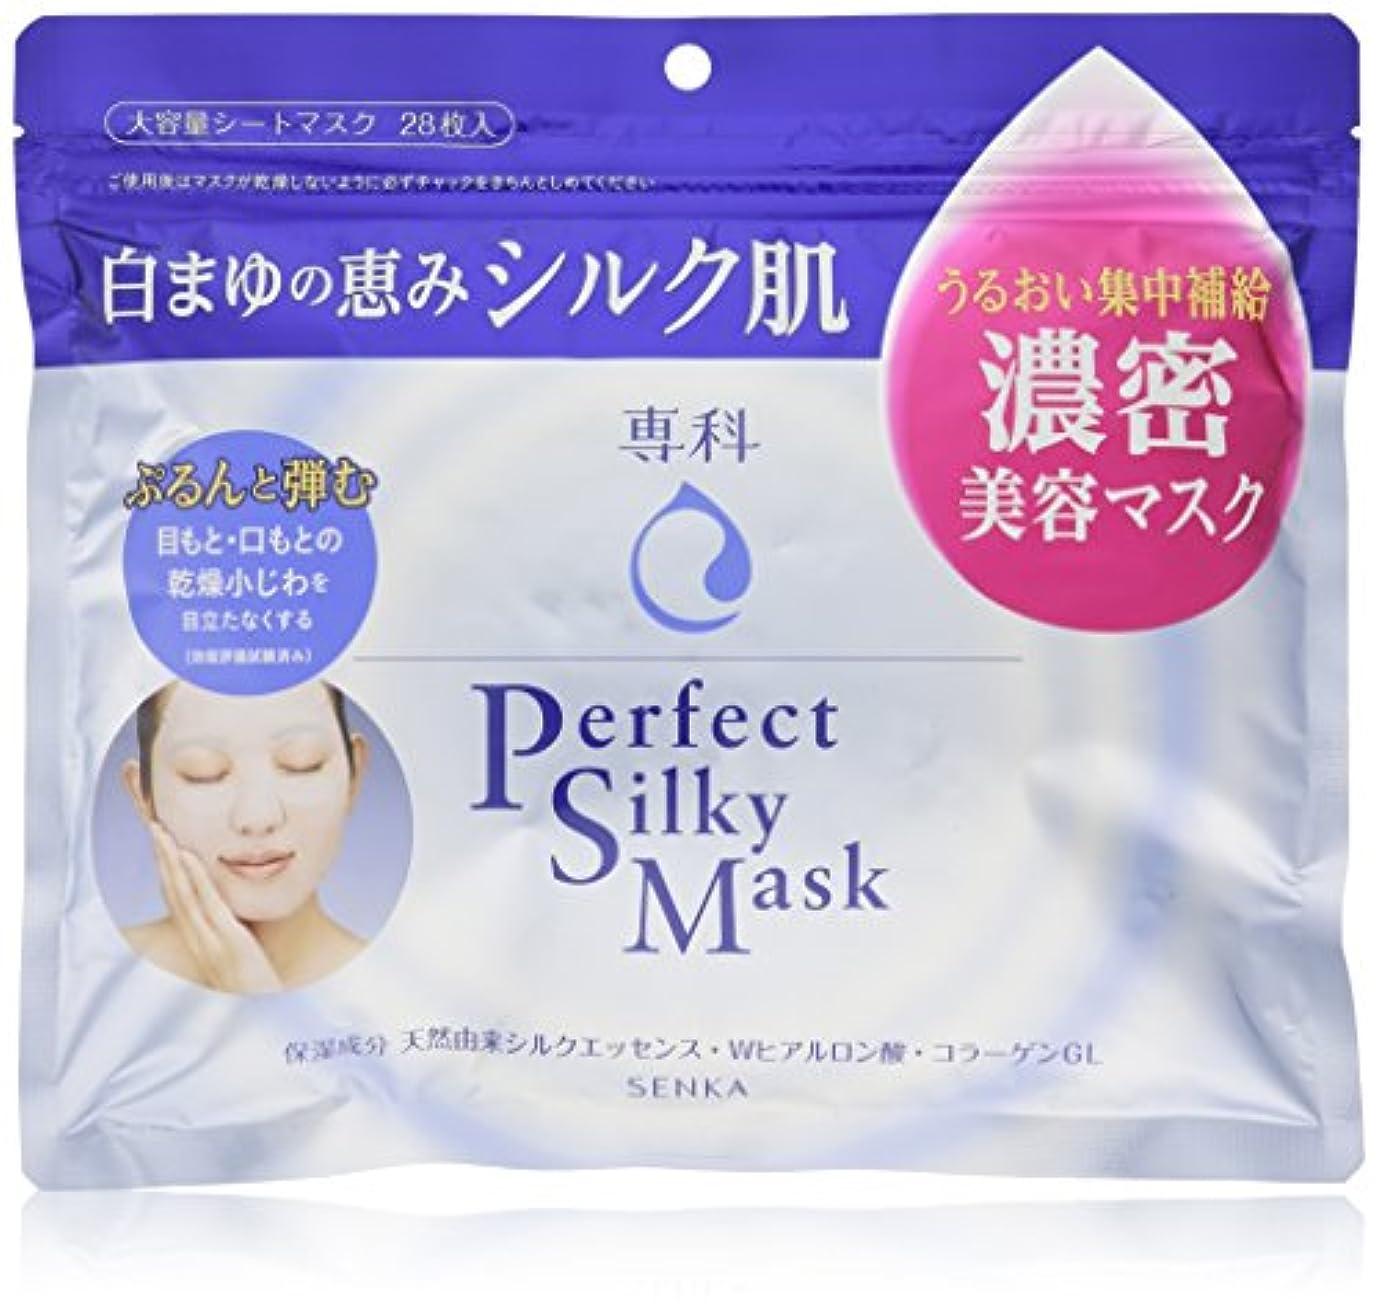 引き付ける解決取る専科 パーフェクトシルキーマスク シート状 美容マスク 28枚